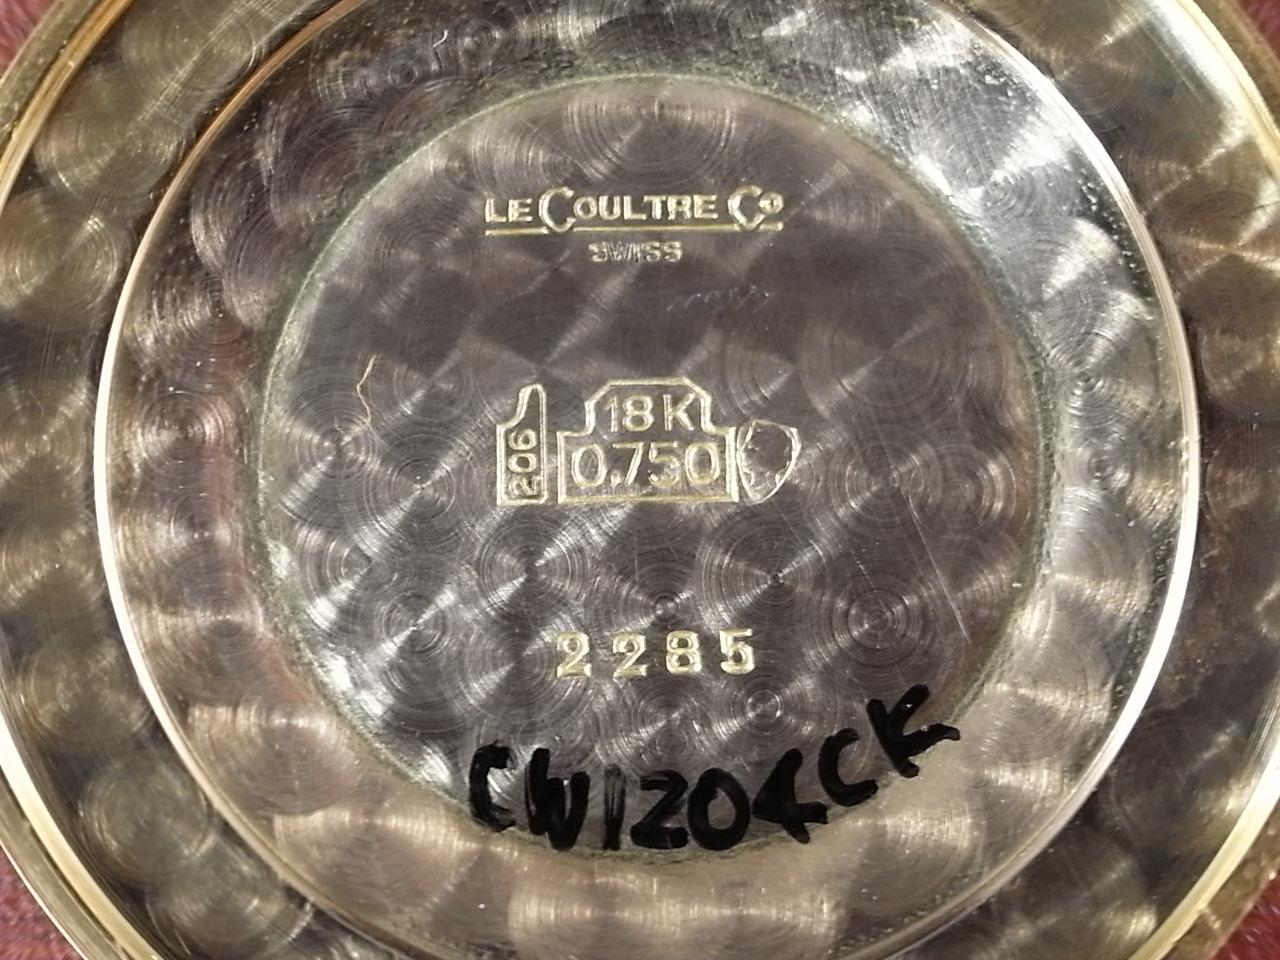 ジャガールクルト 18KYG ラウンドケース Cal.K800/C ミントコンディション 1950年代の写真6枚目